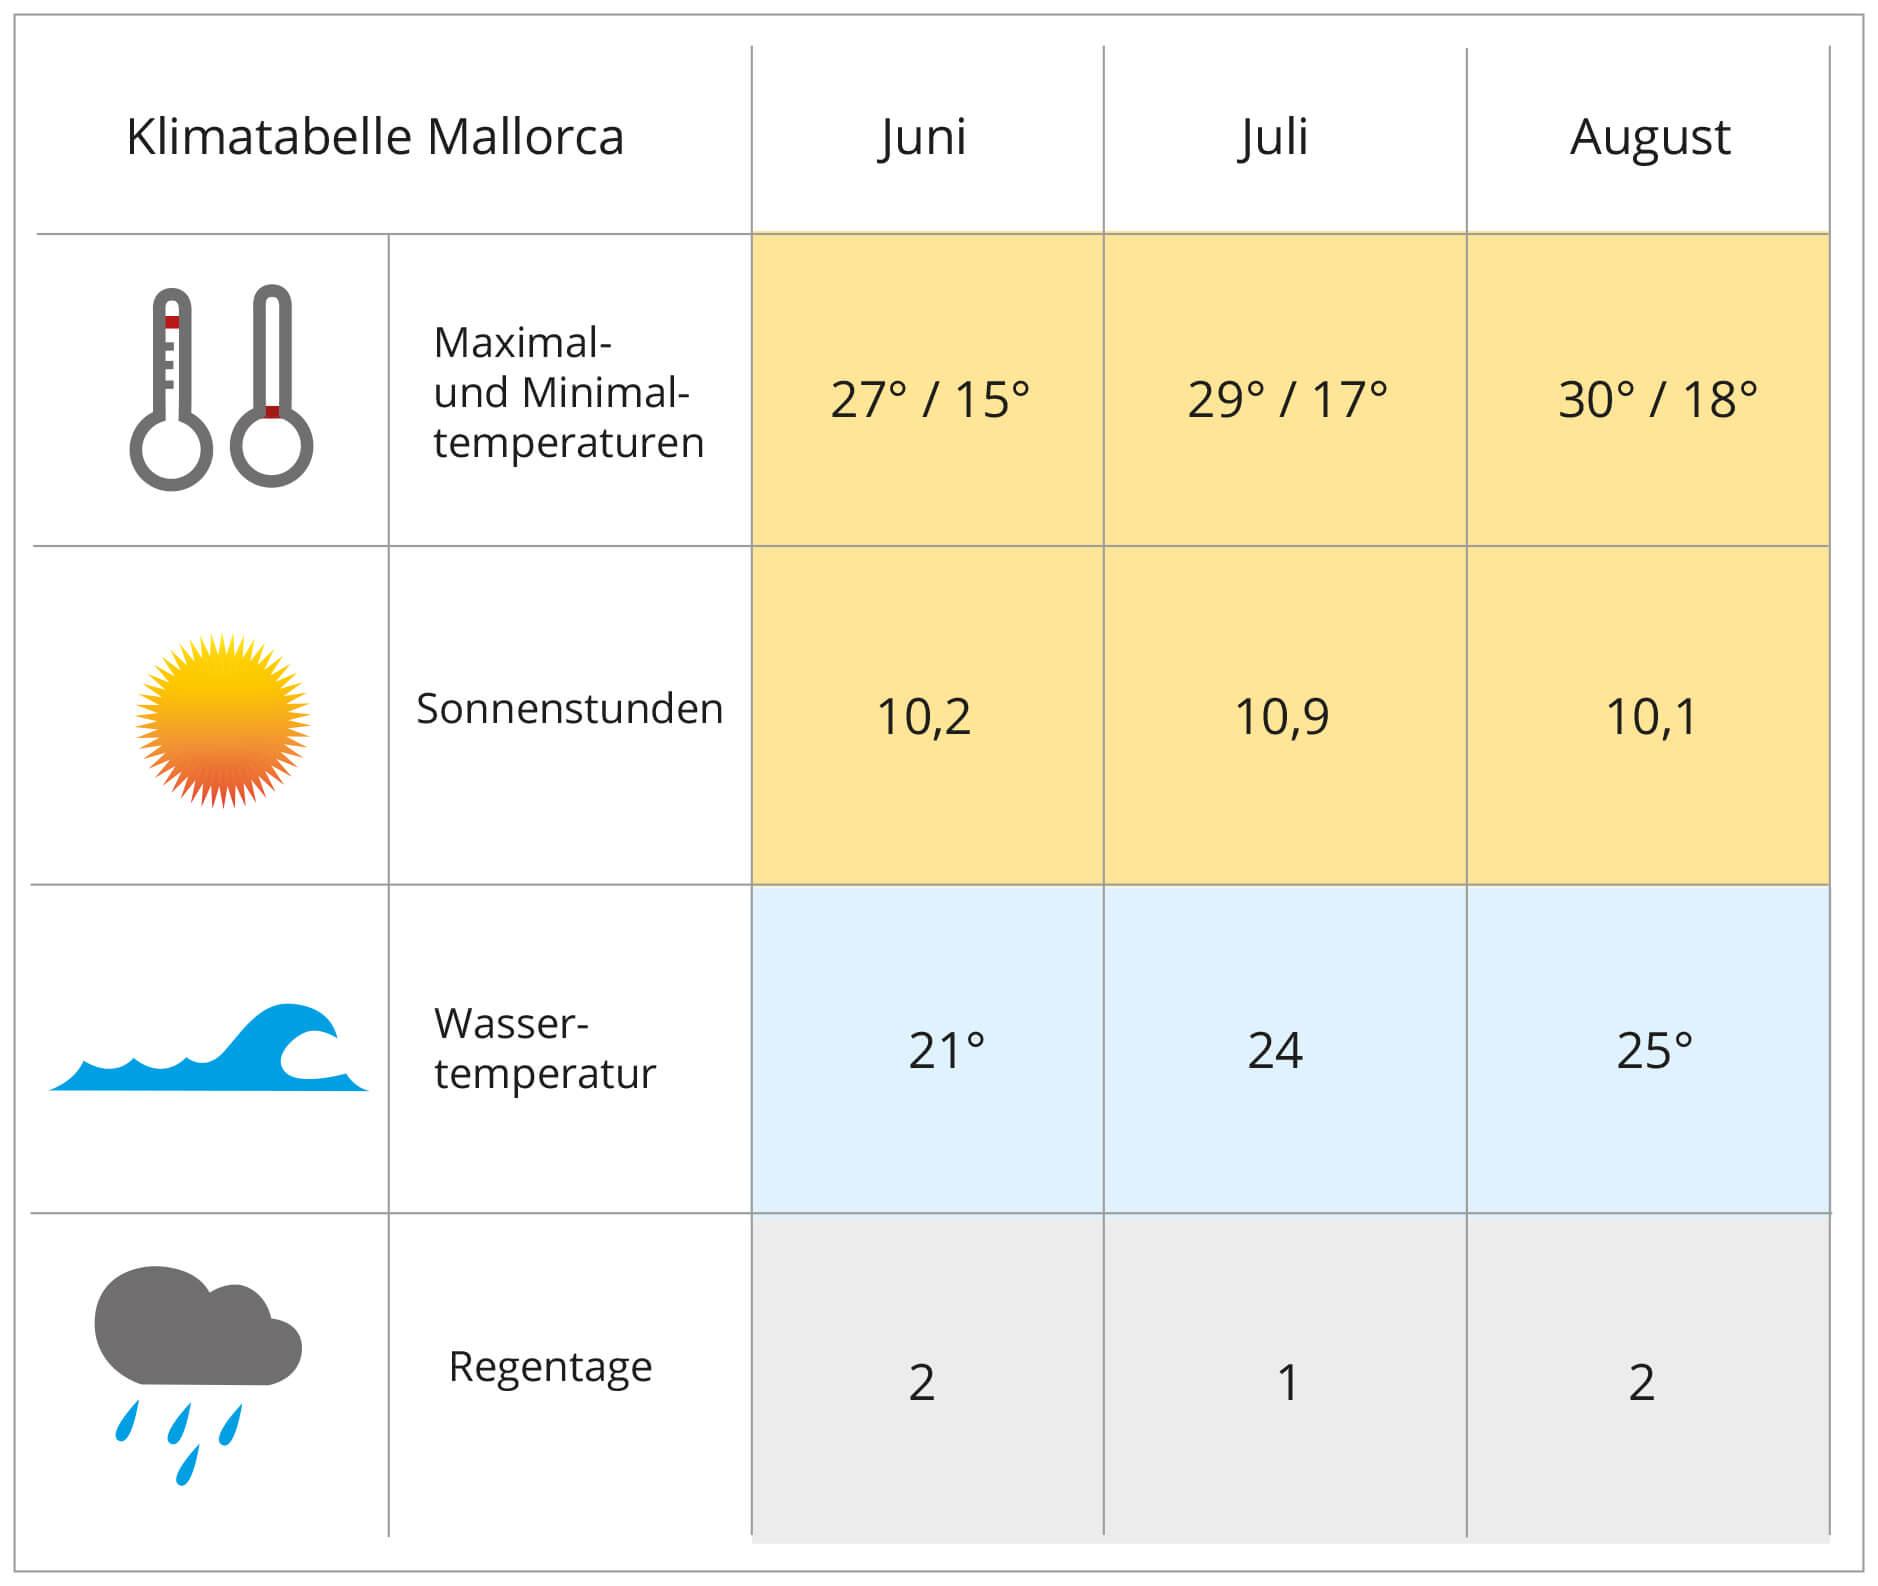 Wetter in Mallorca im Sommer